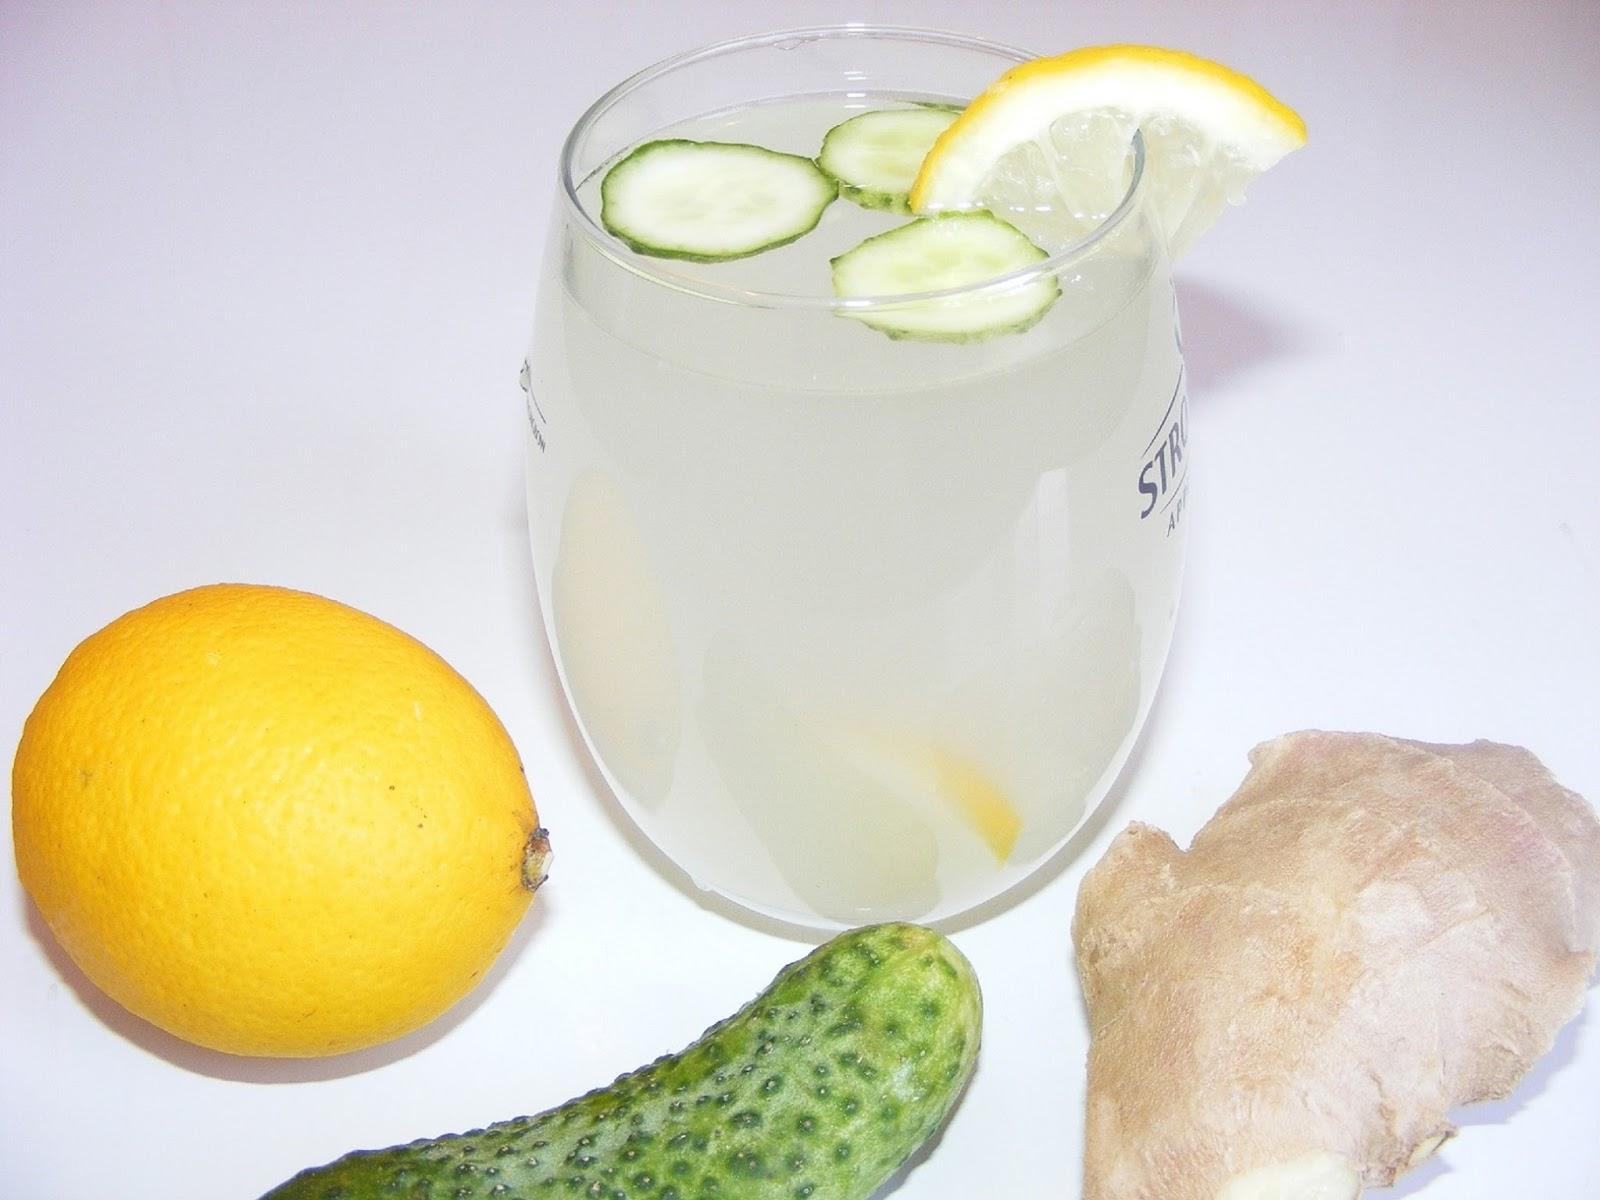 Băutură de slăbit folosind castraveți Pierderea în greutate zsalynn acum